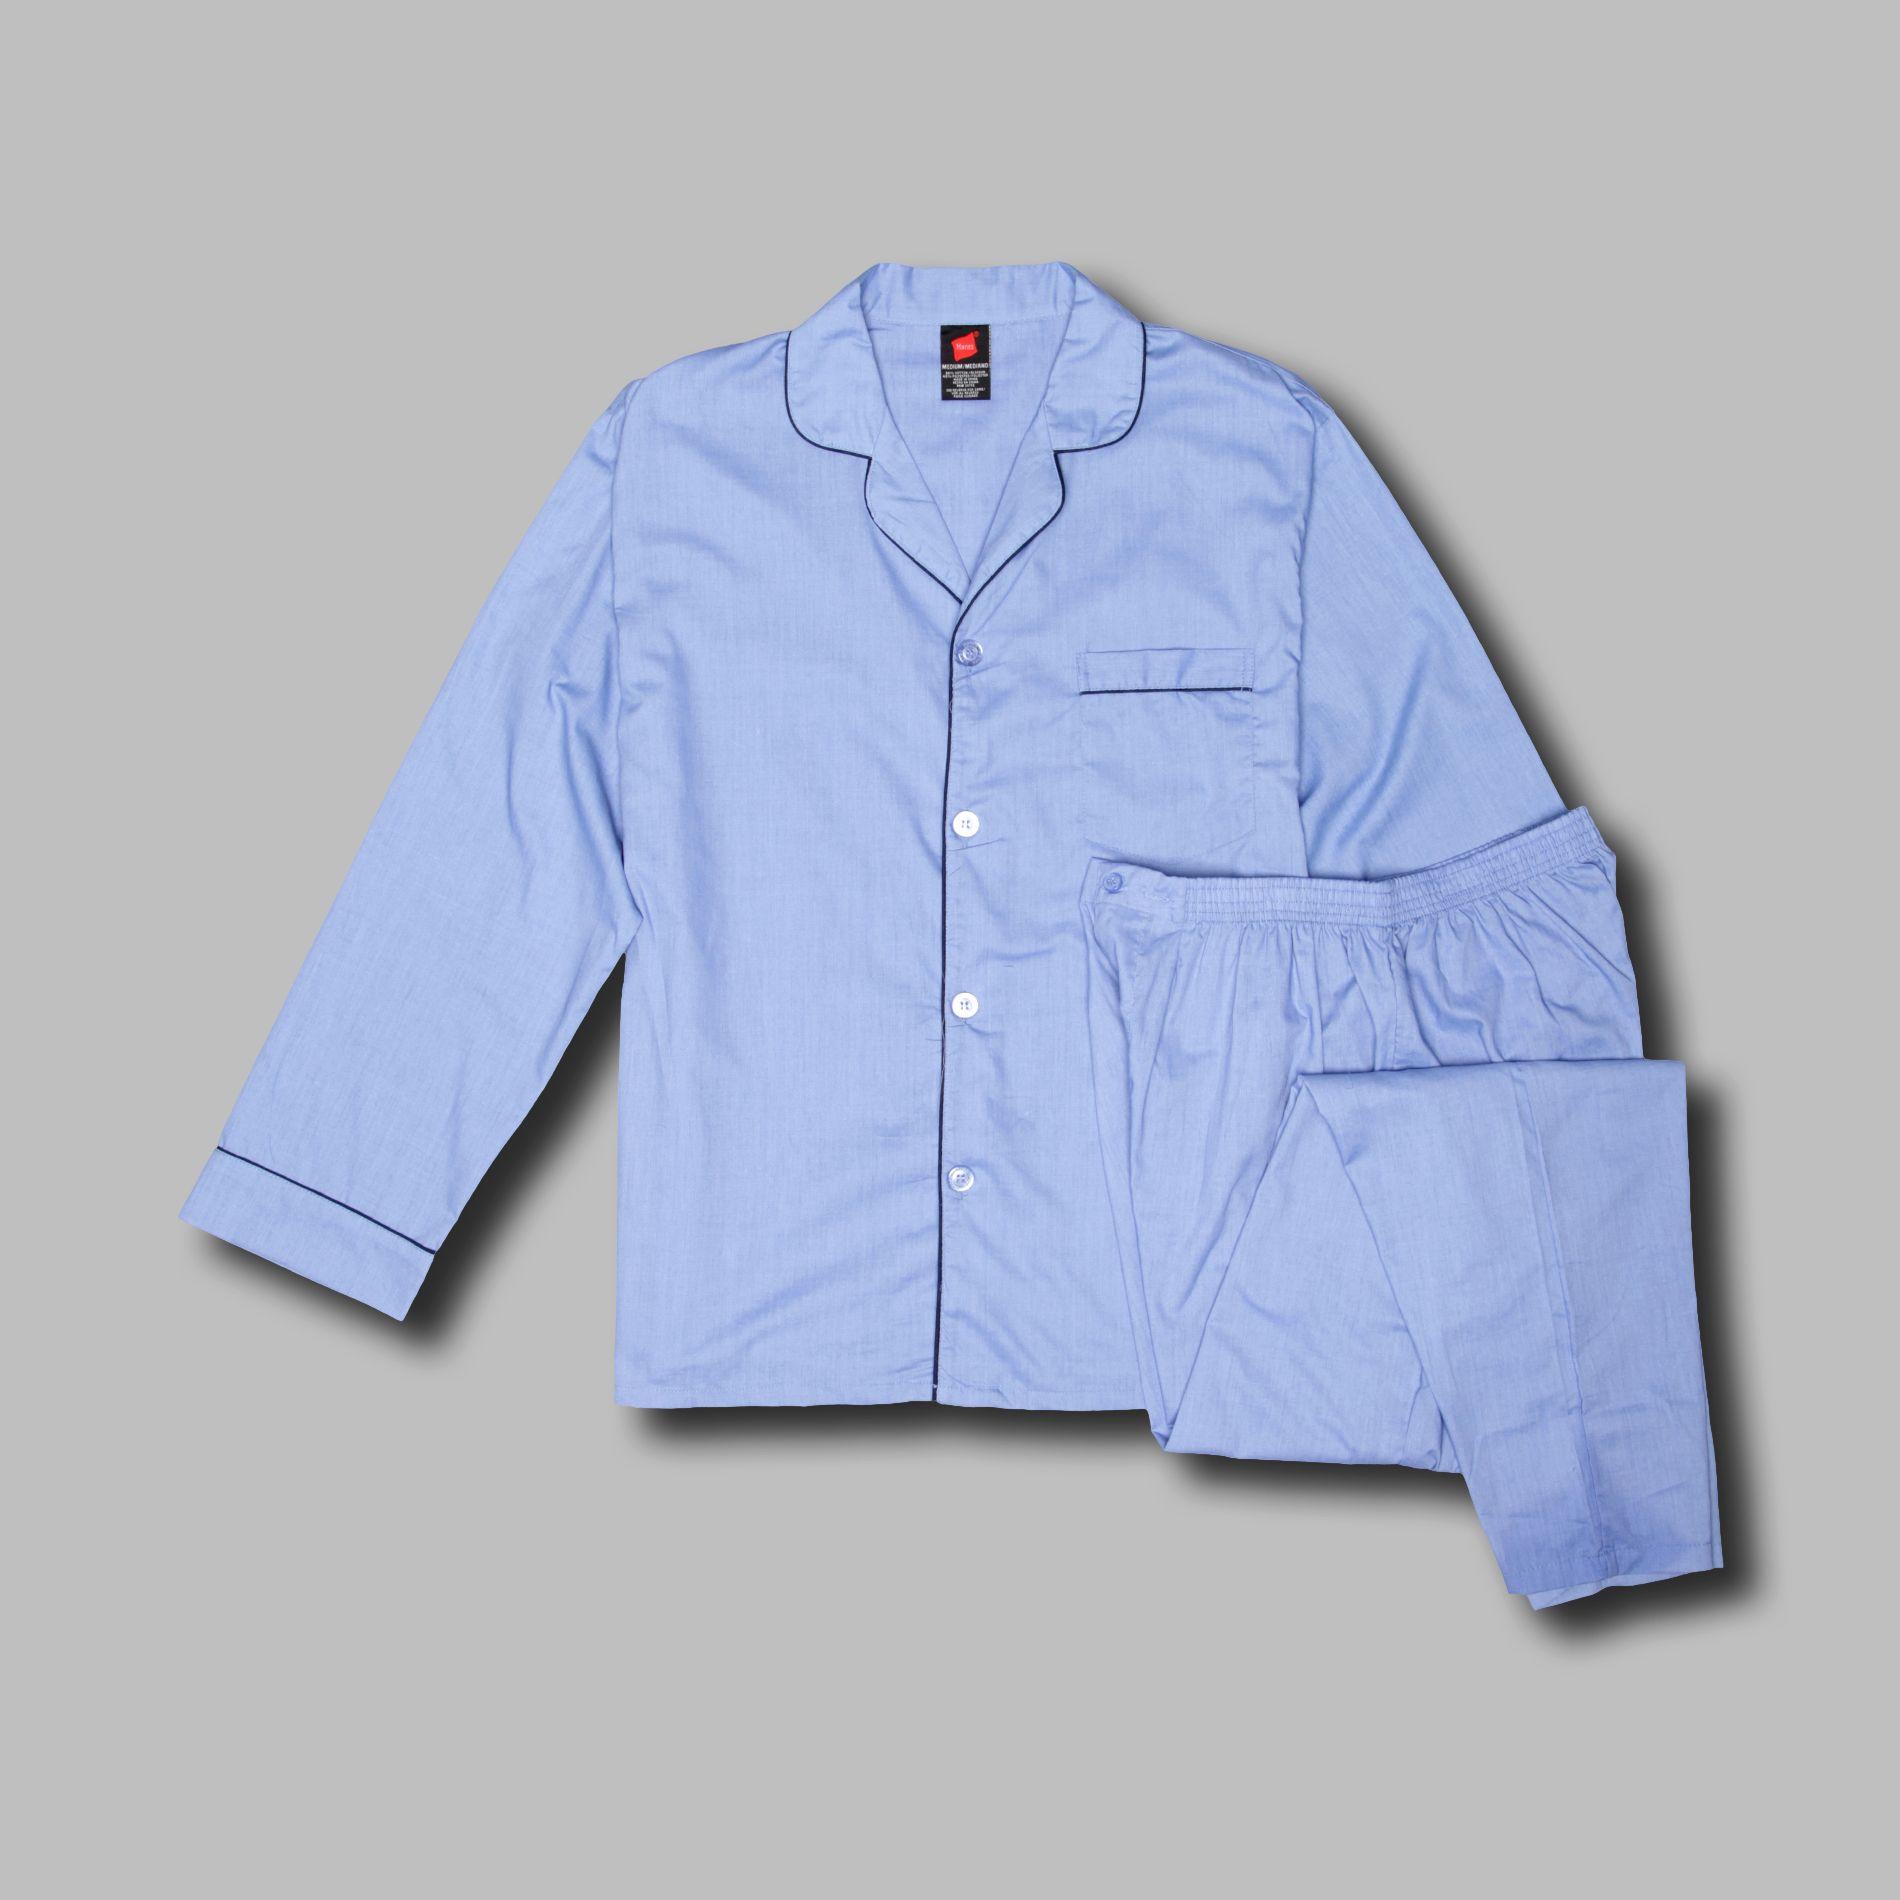 Hanes Men's Pajama Set Woven Long Sleeve $5.83 [Reg $18.99]